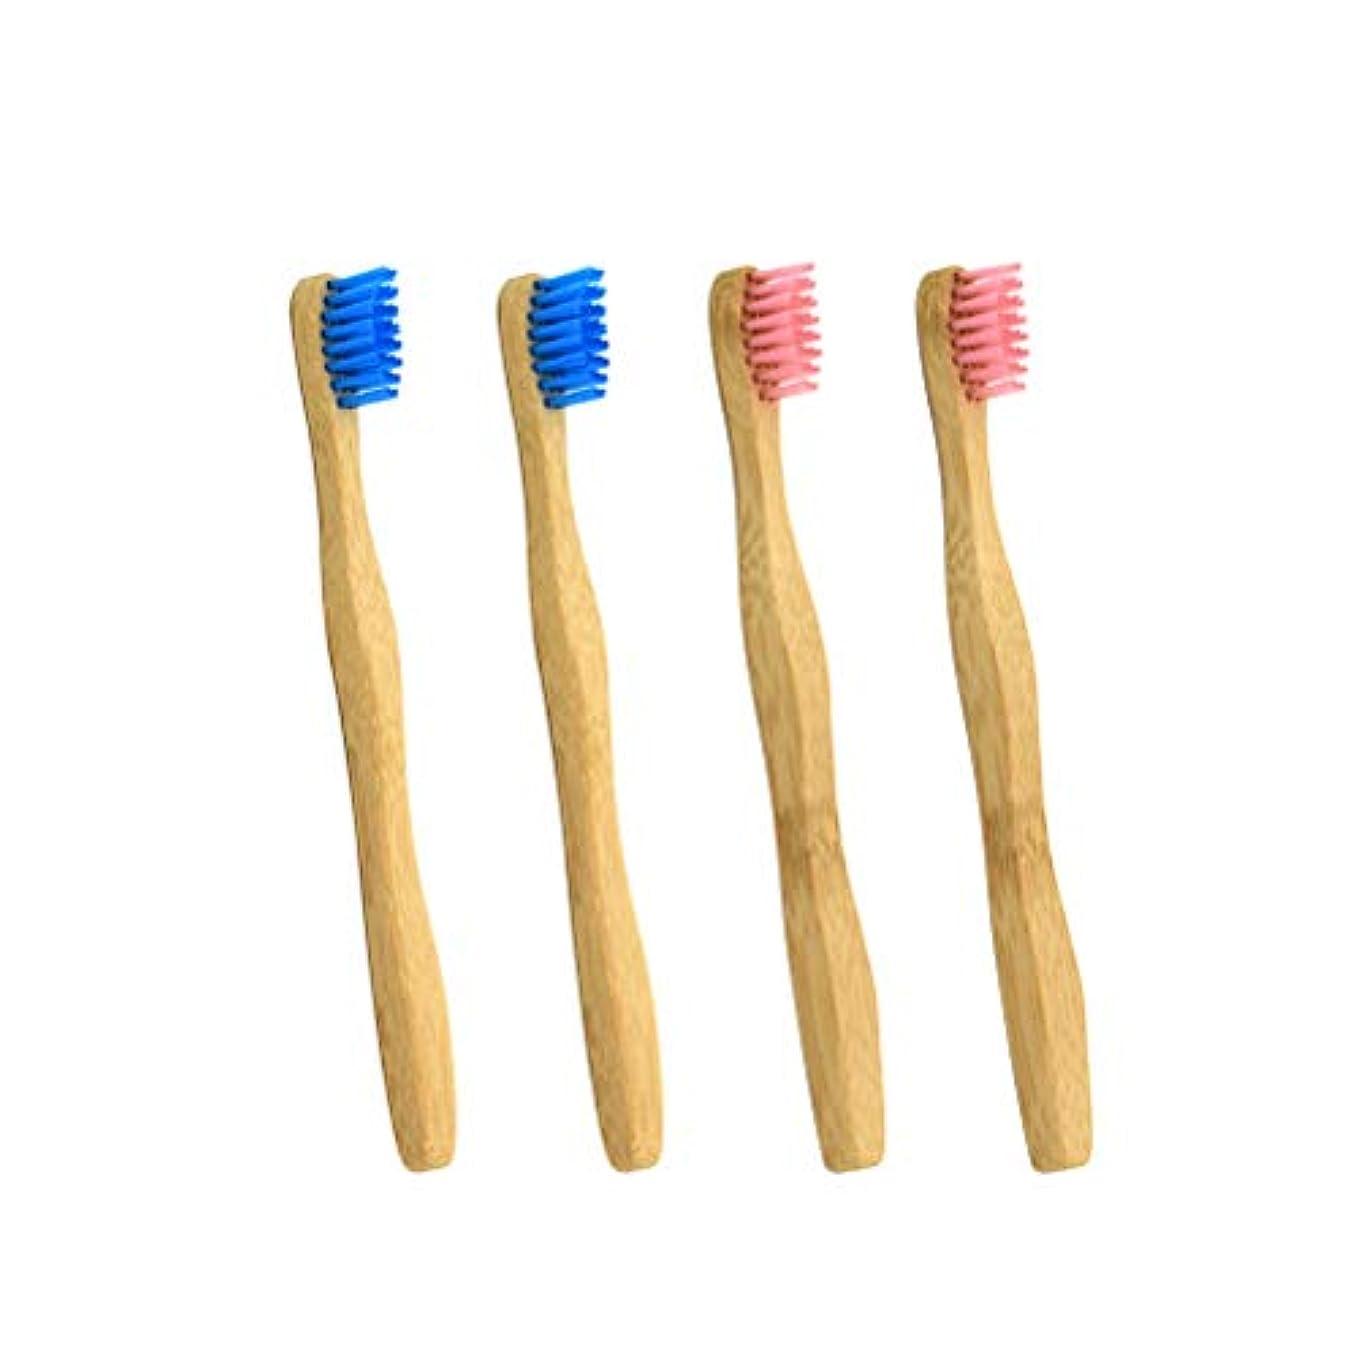 なんとなく調査買い物に行くSUPVOX 4本の子供の竹の歯ブラシ生分解性エコフレンドリーな歯ブラシ(ピンクとブルー各2本)